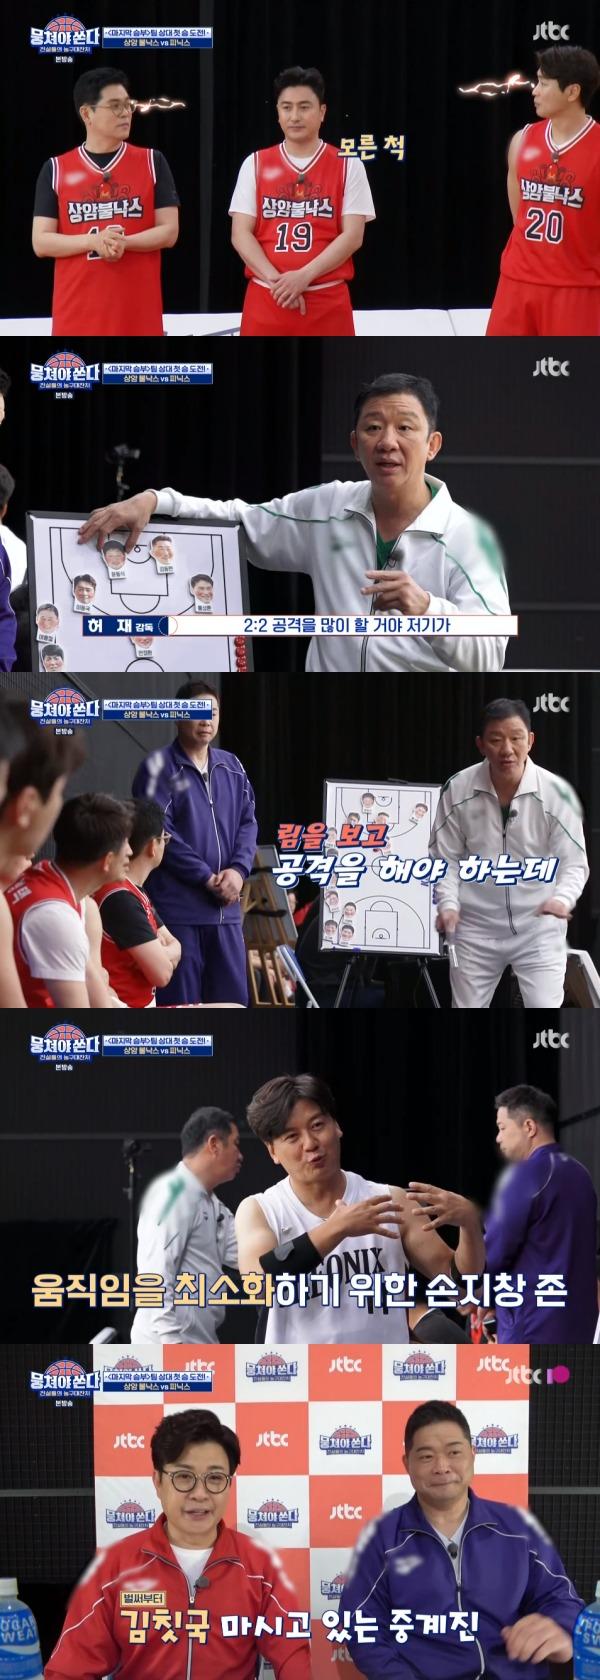 JTBC '뭉쳐야쏜다' 방송 화면 캡처 © 뉴스1